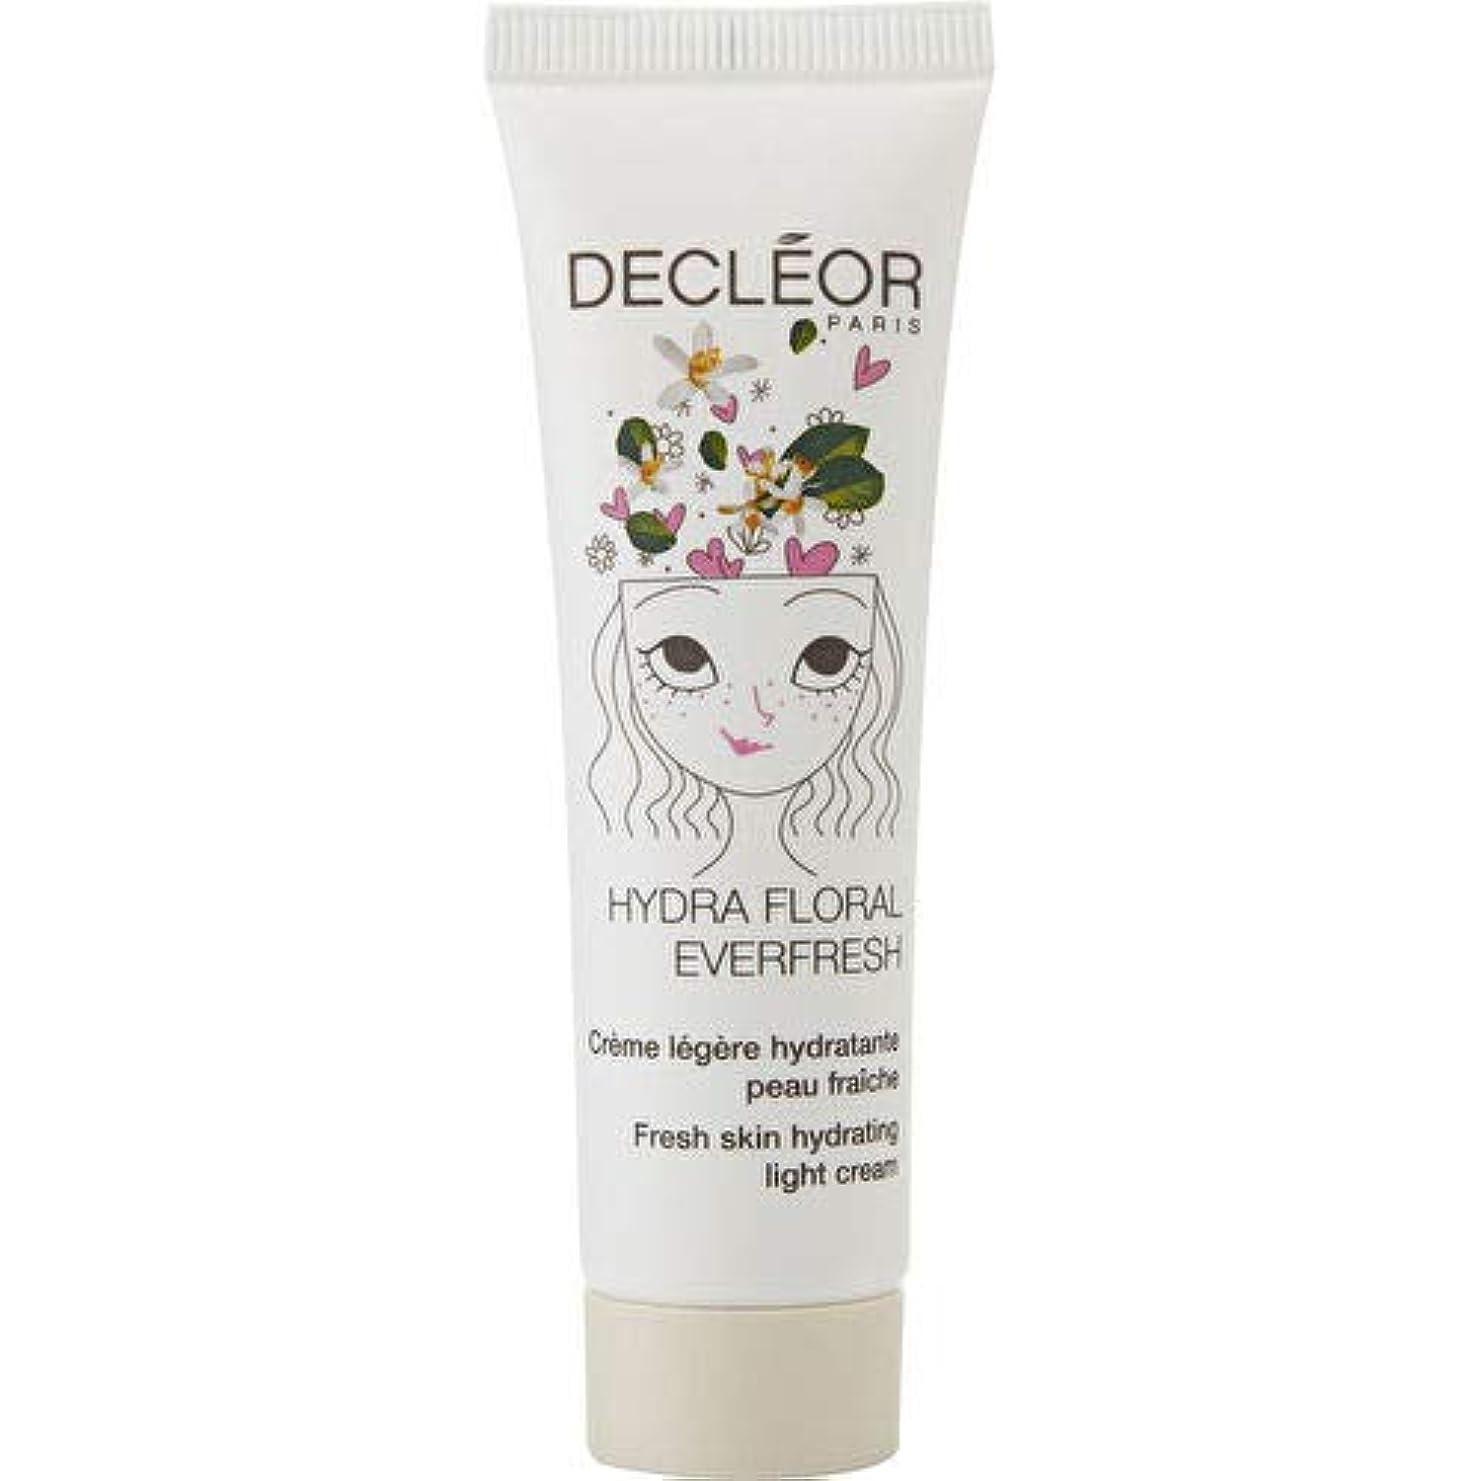 民族主義仕方デザートデクレオール Hydra Floral Everfresh Fresh Skin Hydrating Light Cream - For Dehydrated Skin 30ml/1oz並行輸入品